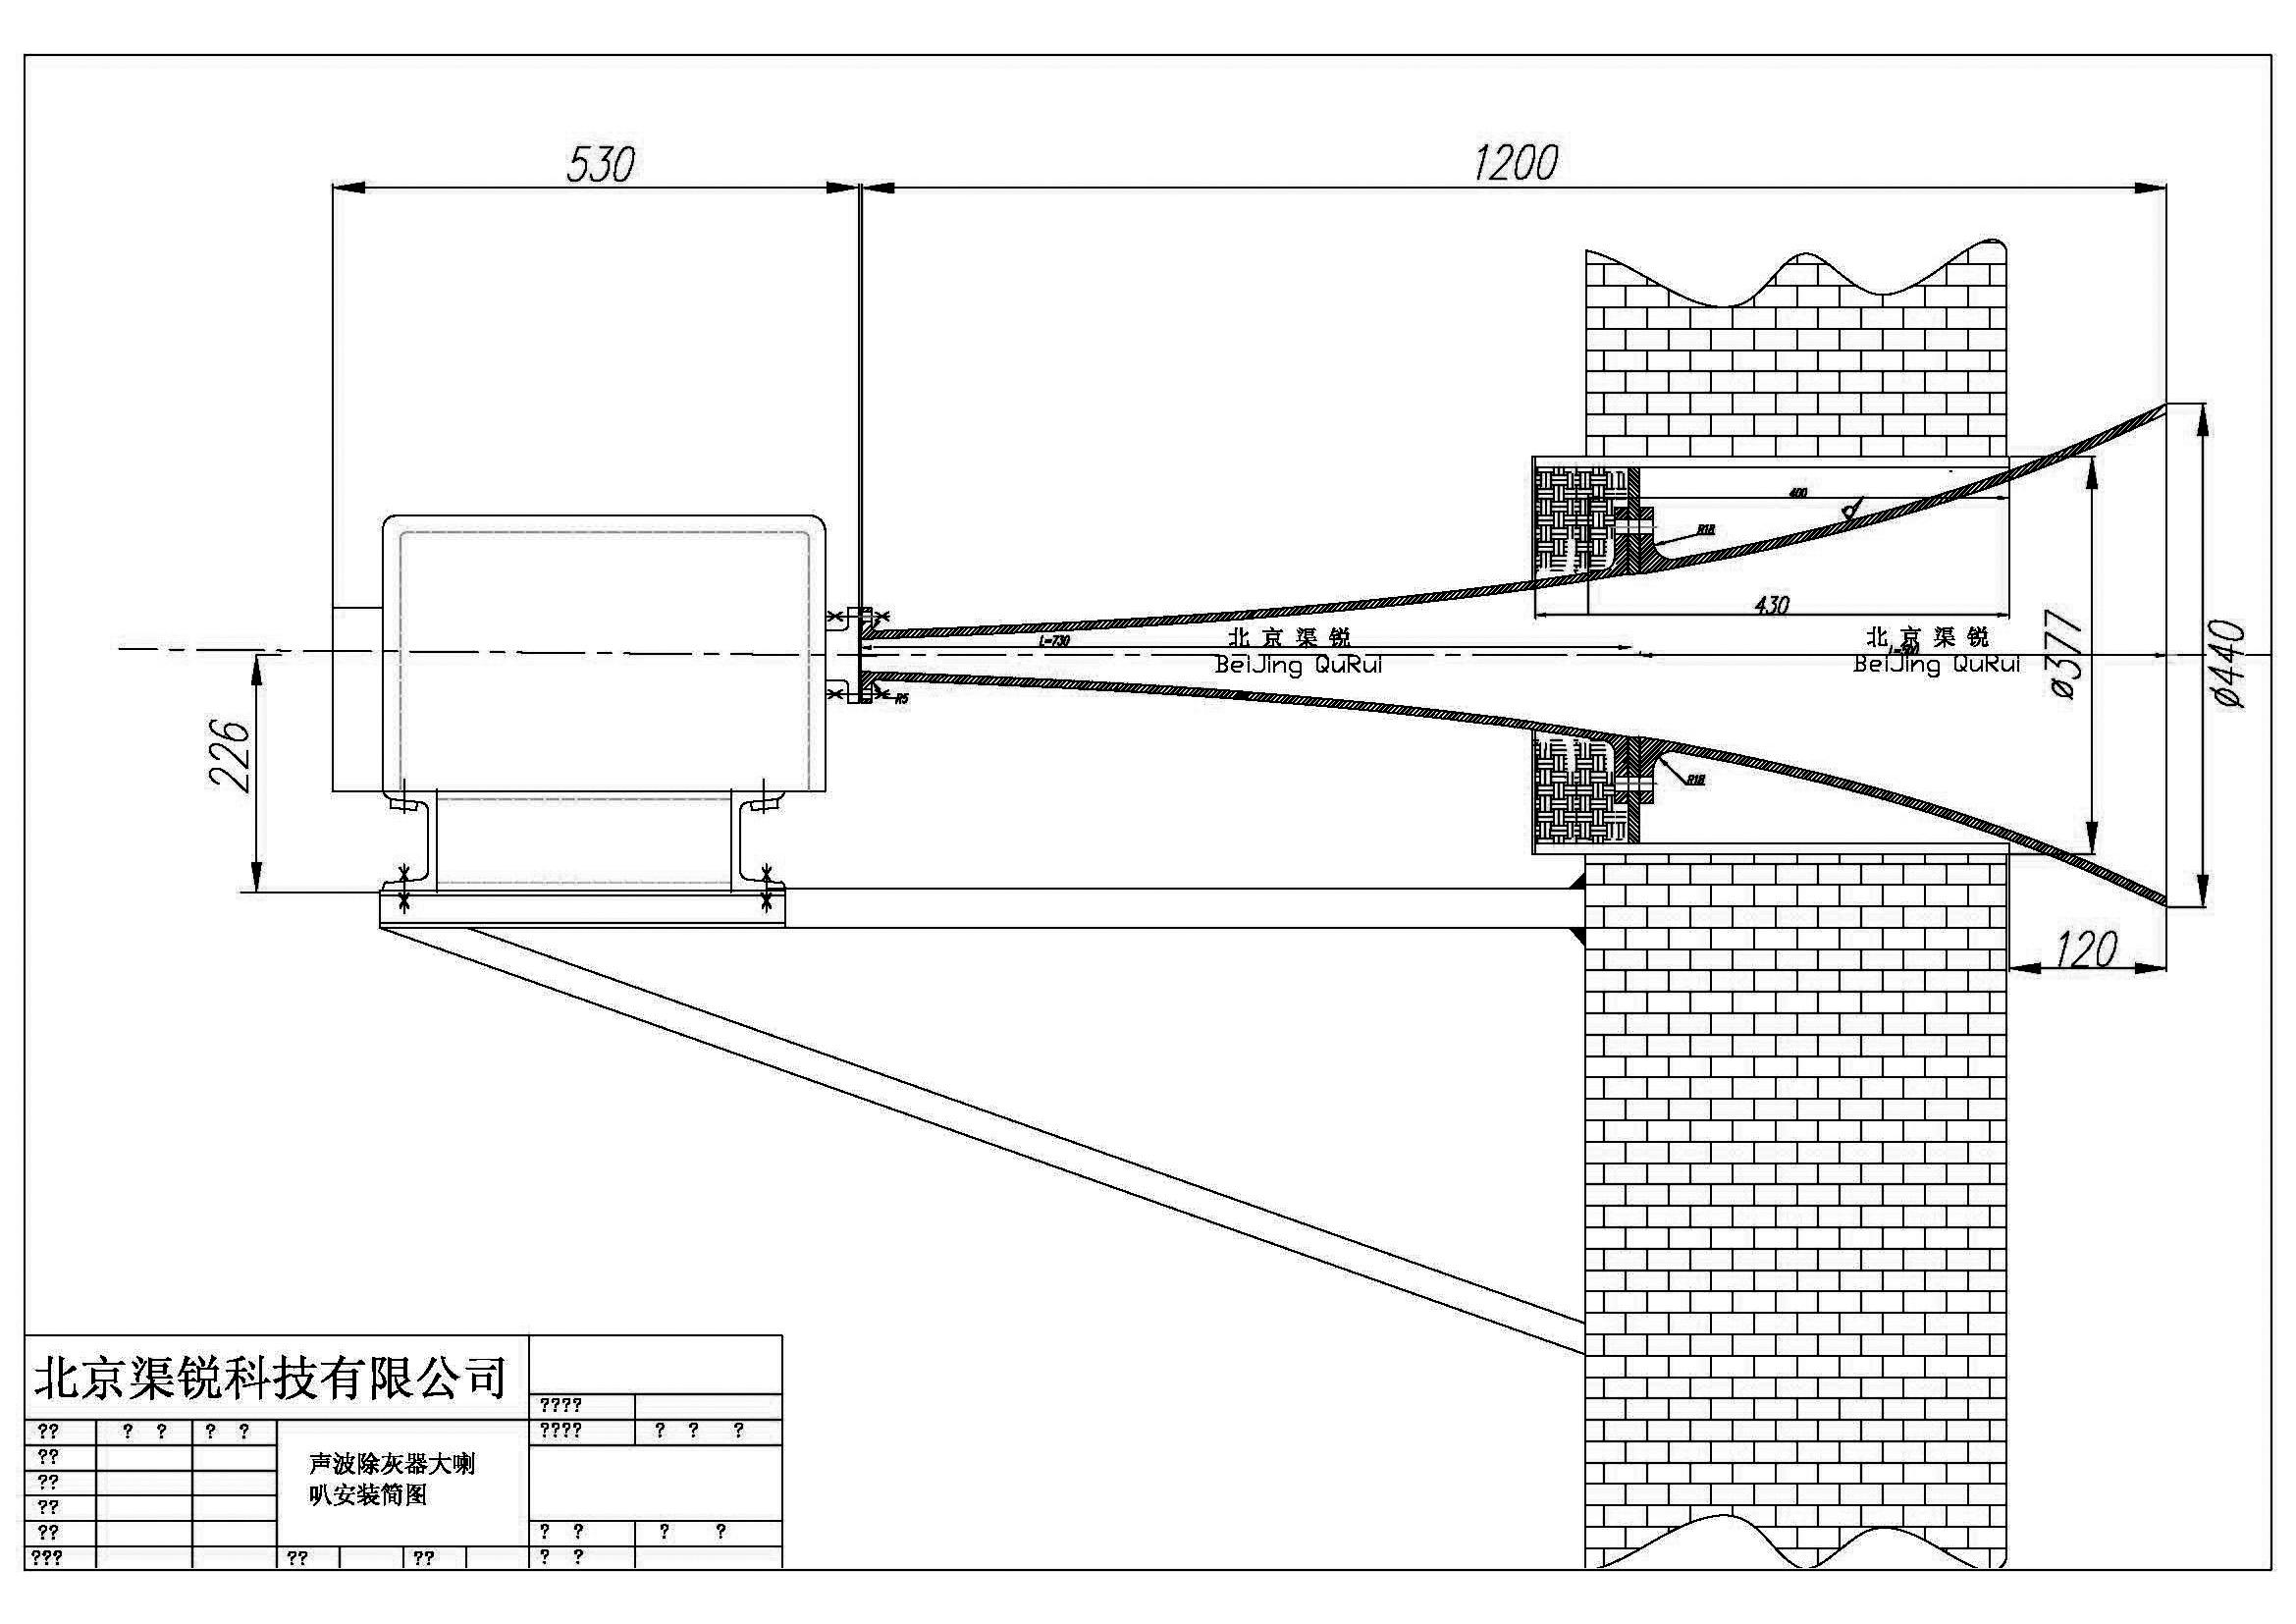 安装大喇叭图440.jpg